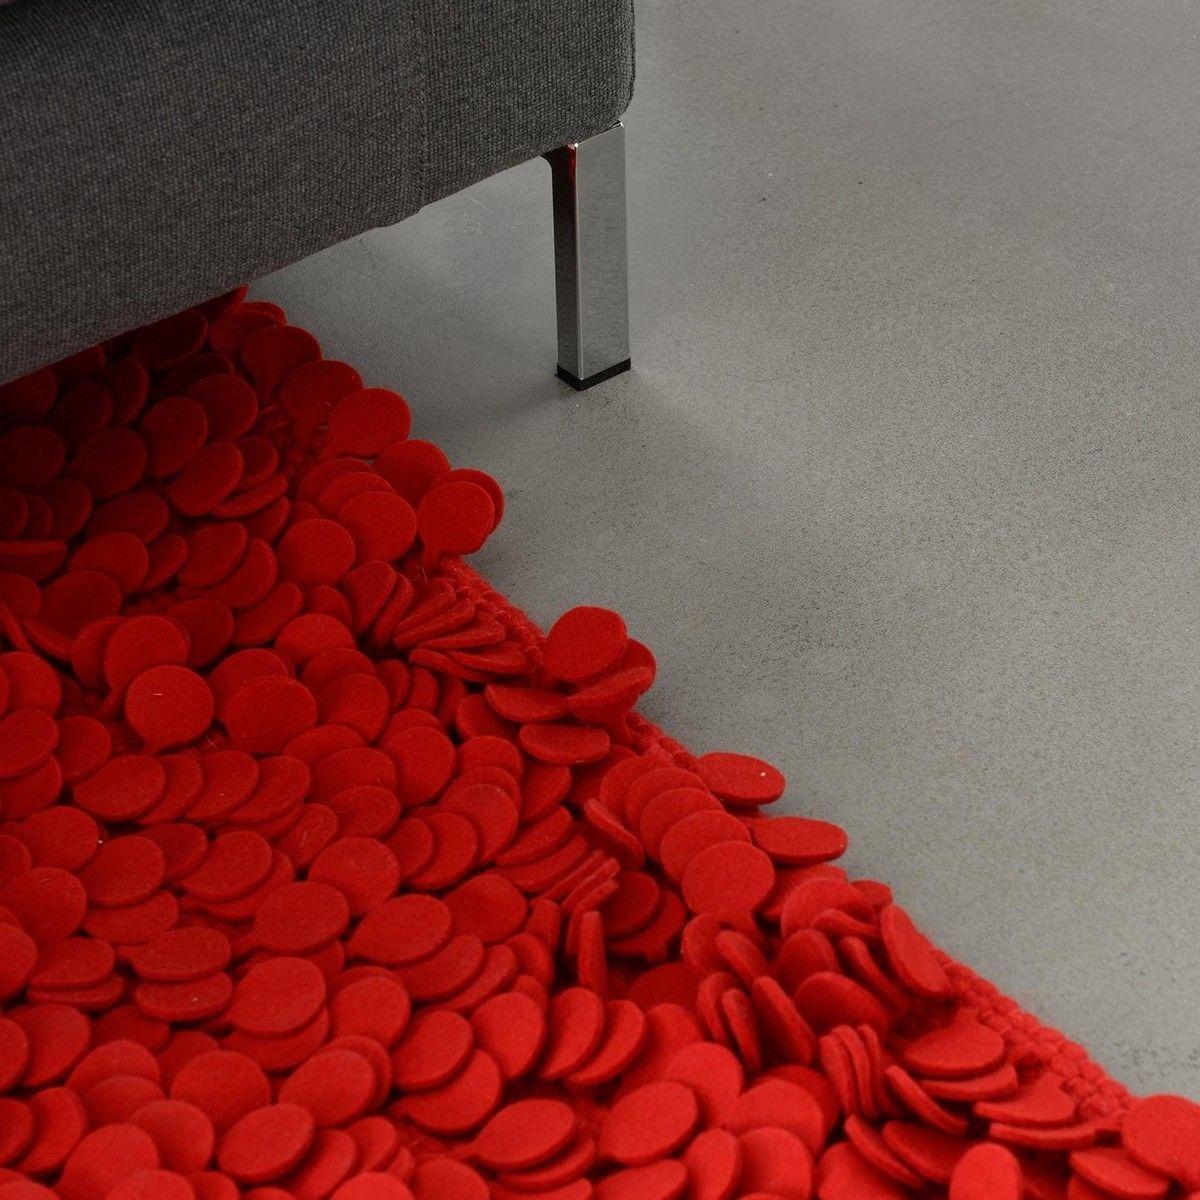 Filzteppich  Nanimarquina Roses Design Woll-Filz Teppich | Nanimarquina ...